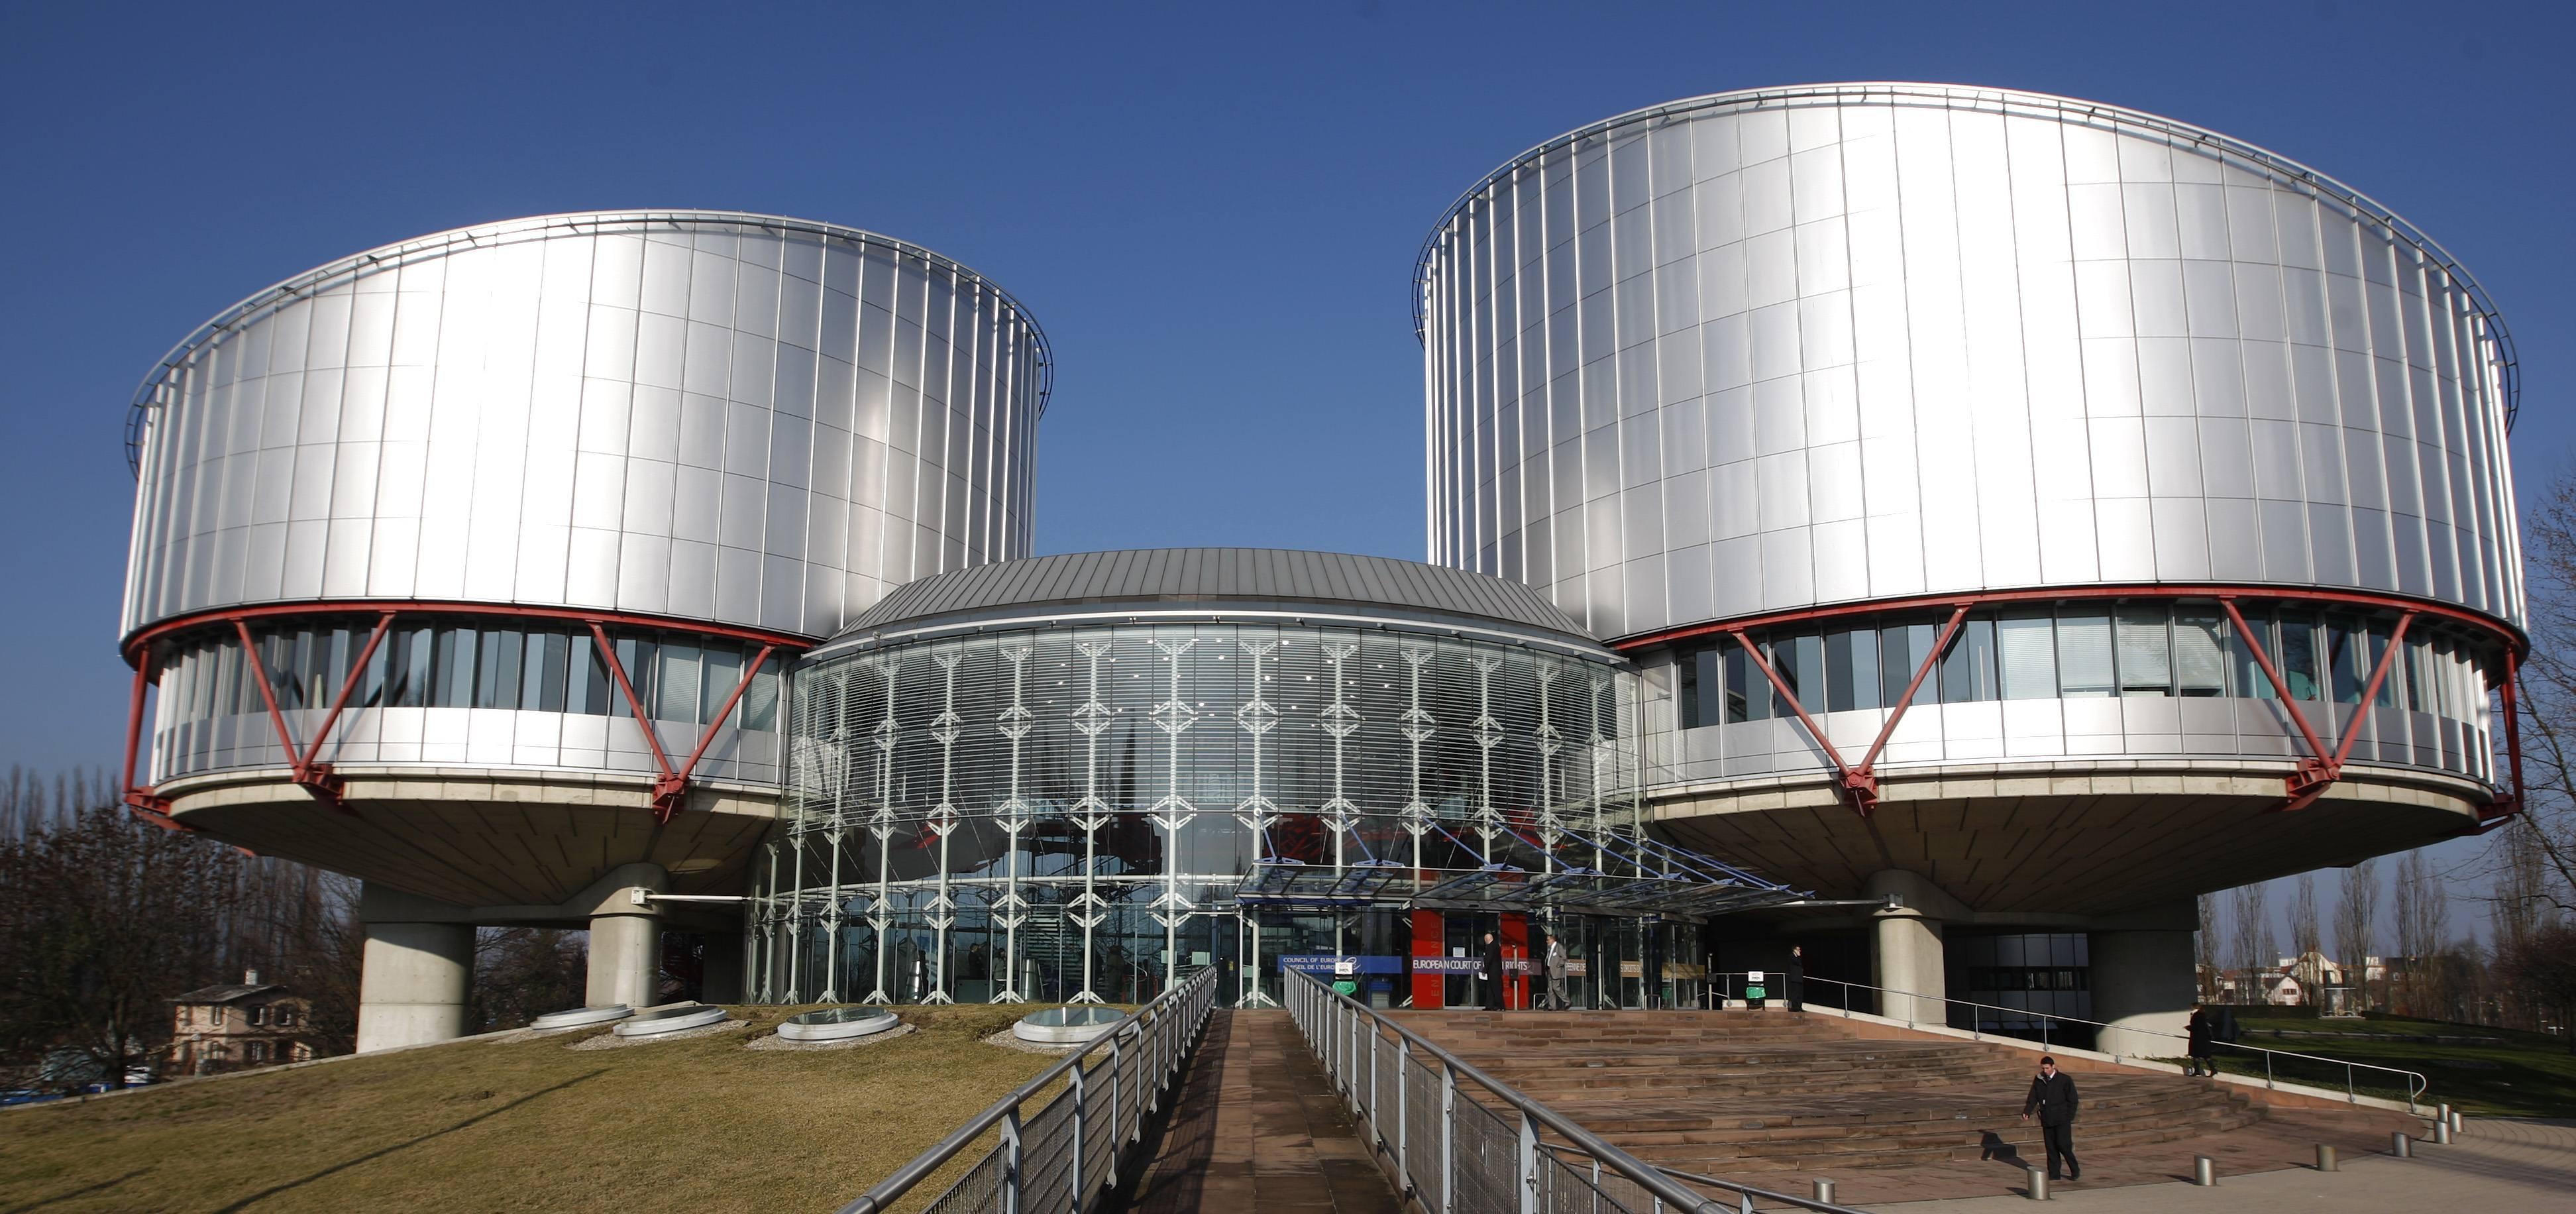 Το Ευρωπαϊκό Δικαστήριο Δικαιωμάτων του Ανθρώπου, στο Στρασβούργο